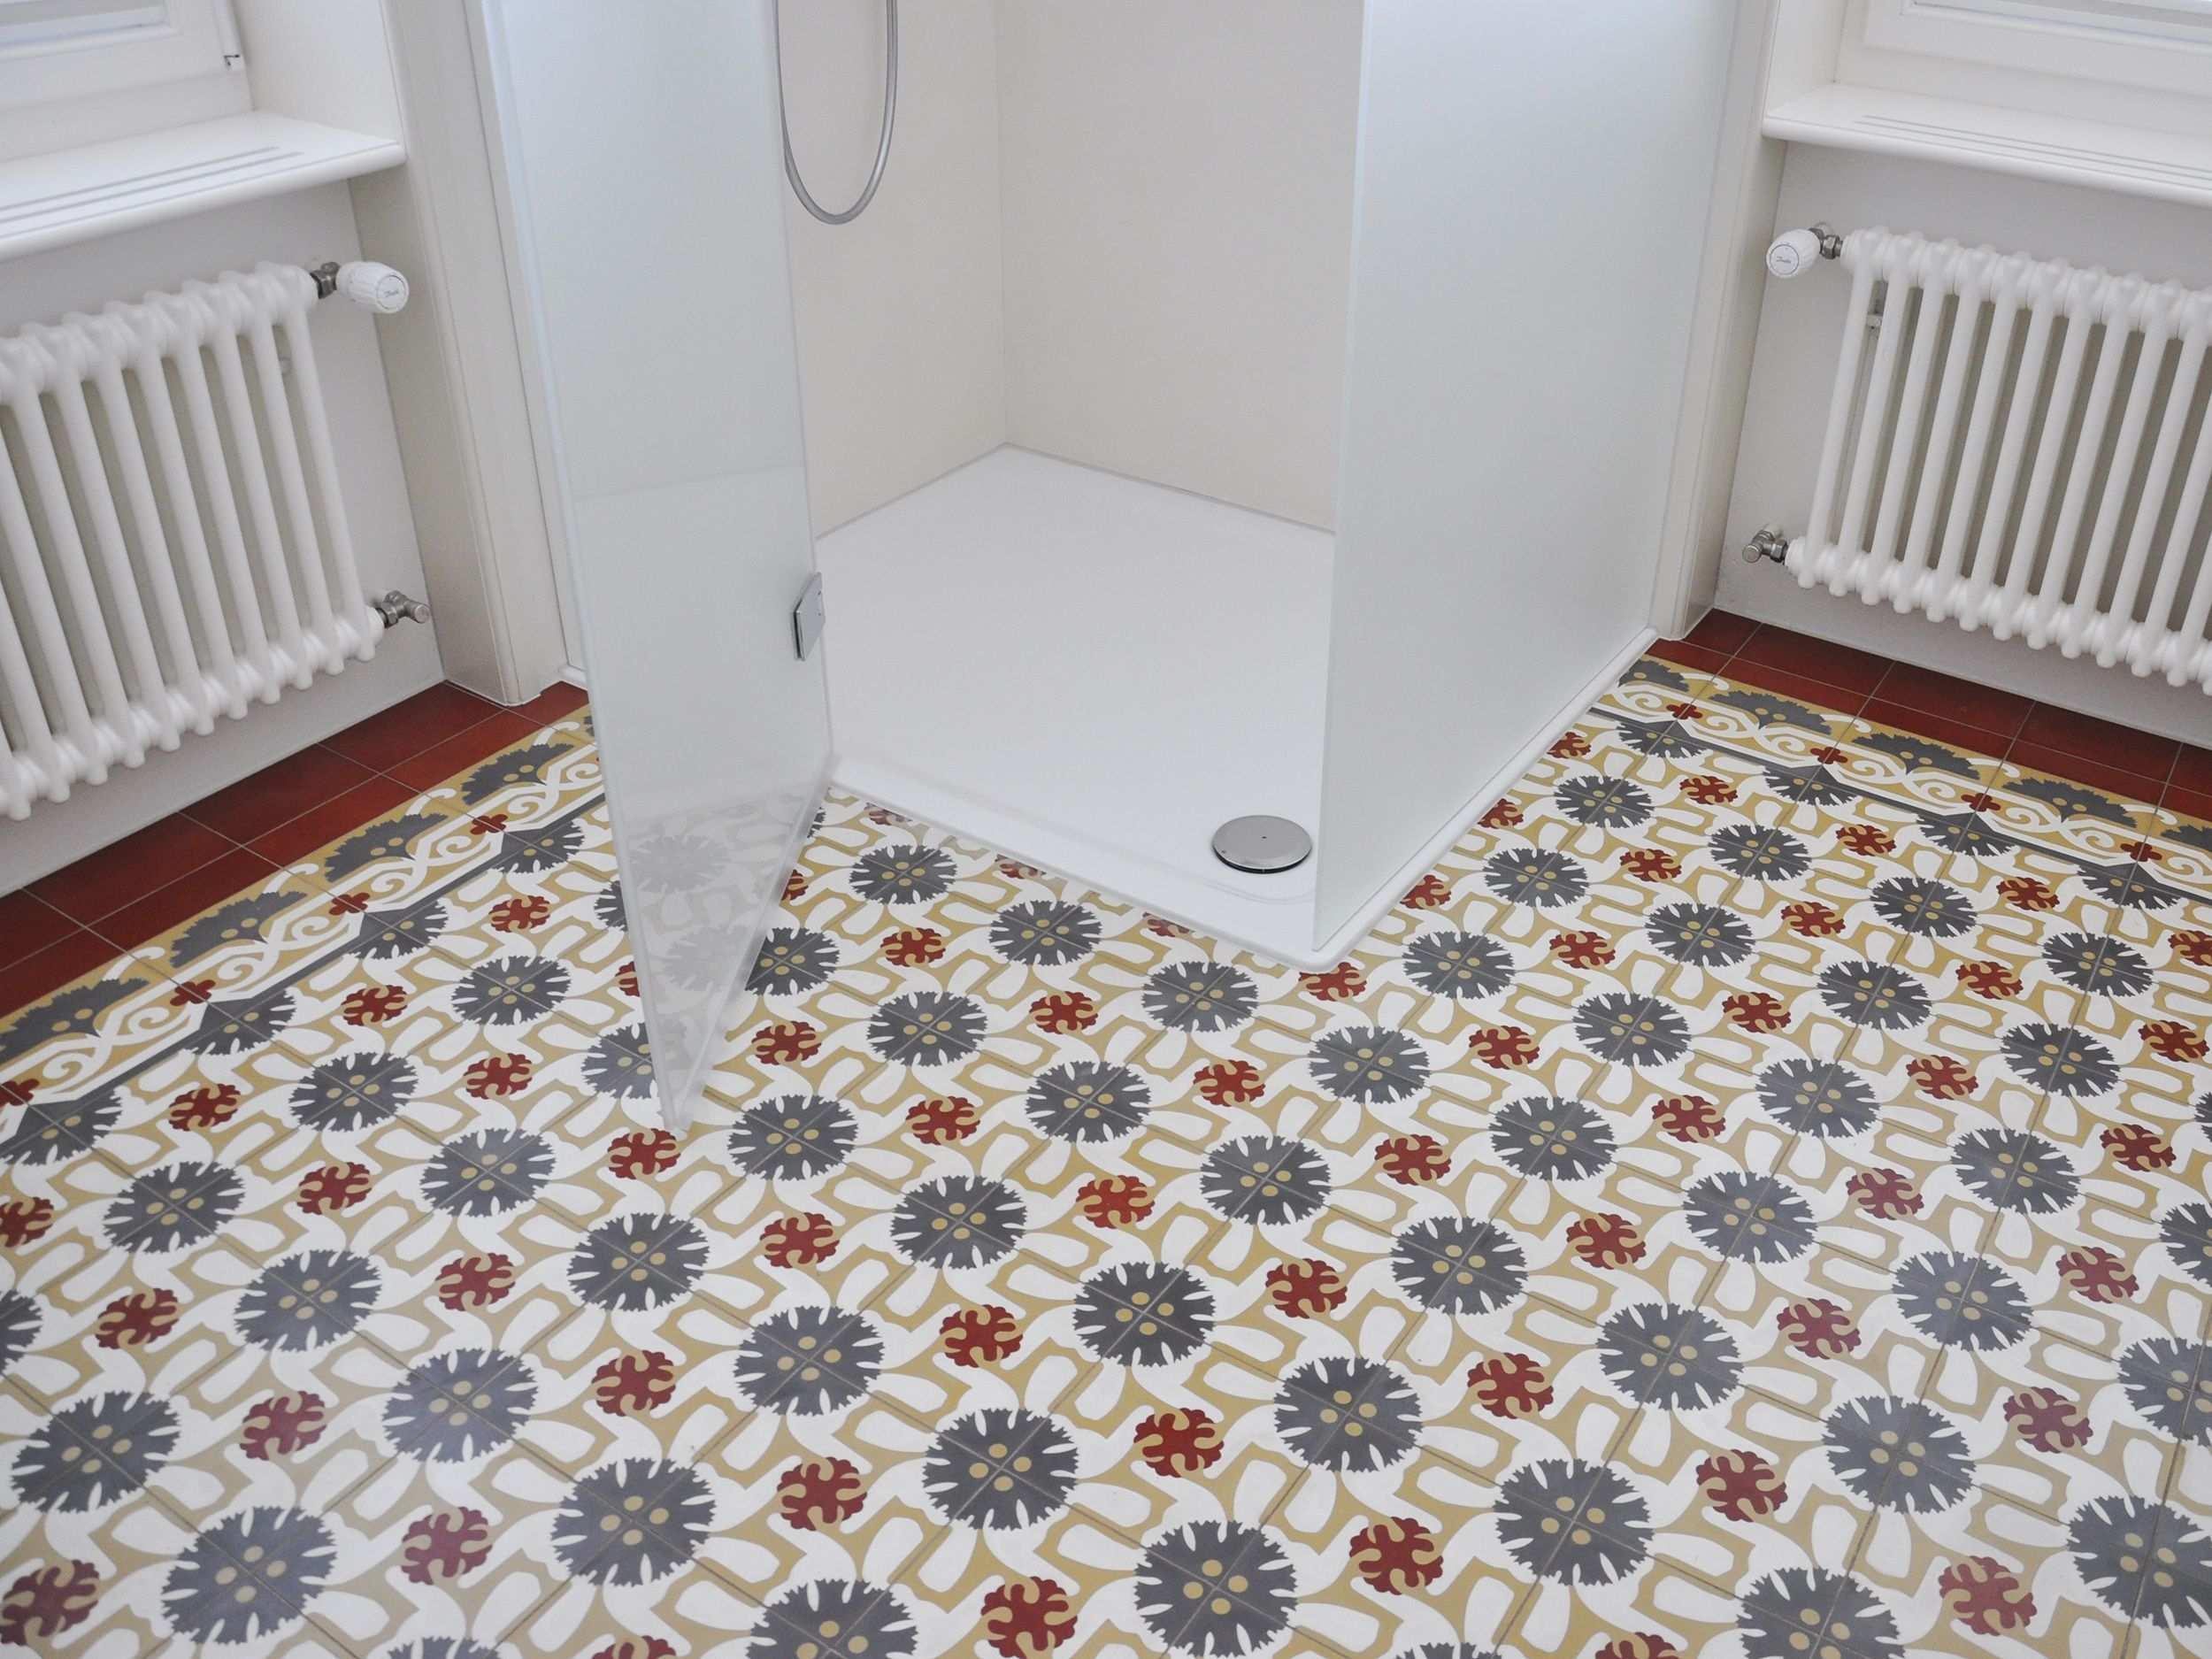 Einfamilienhaus In Gossau Keramik Bau Ag Badezimmer Mit Mosaik Fliesen Bodenfliesen Muster Badezimmer Design